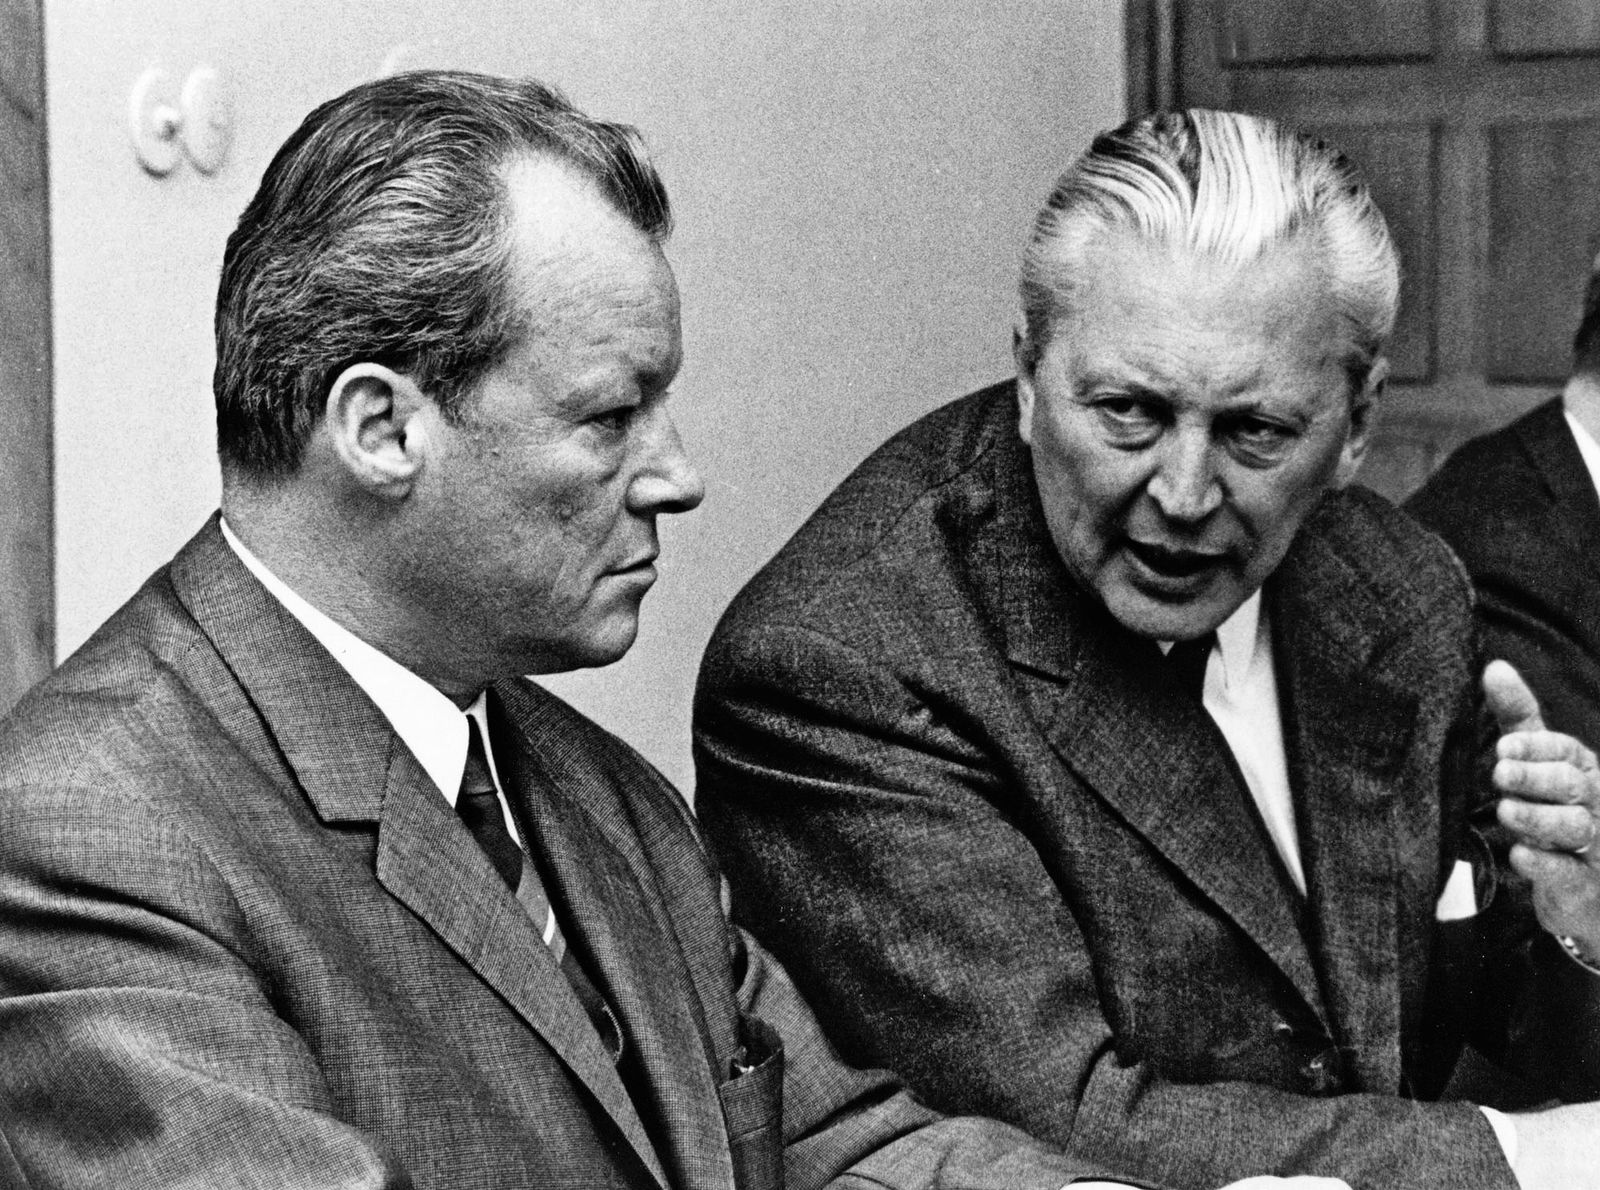 Kiesinger / Willy Brandt